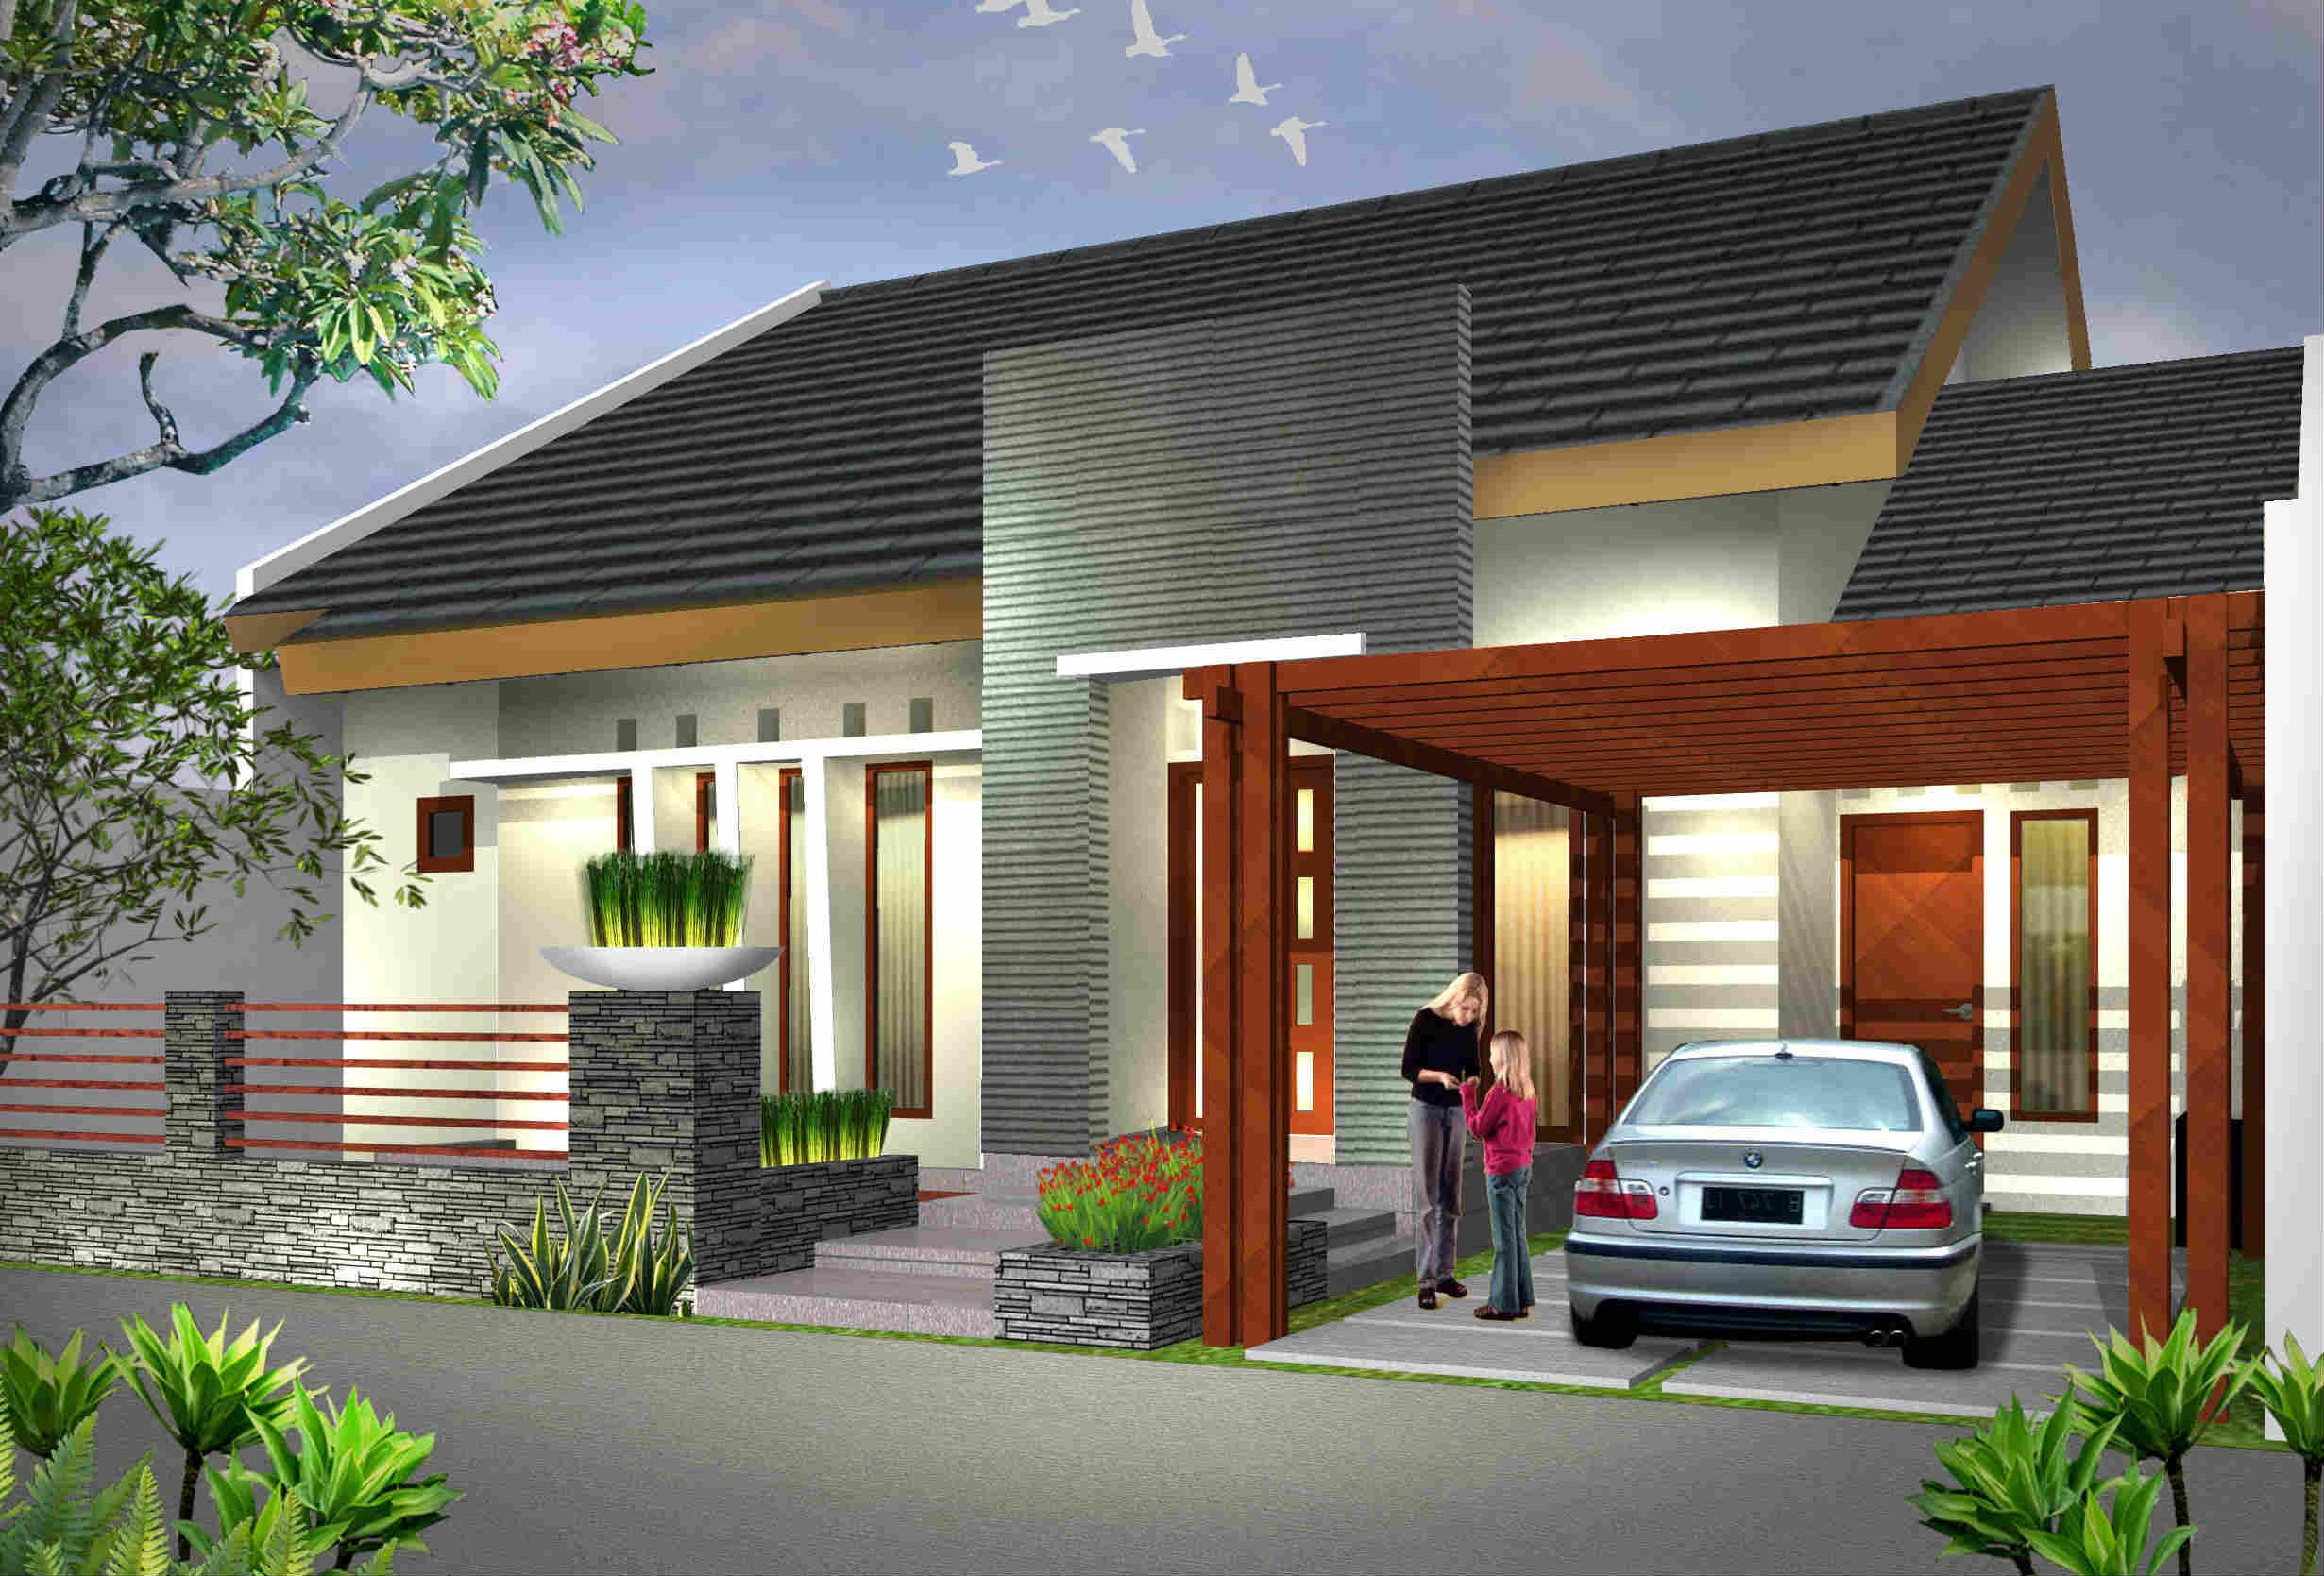 66 Desain Rumah Minimalis Industrial